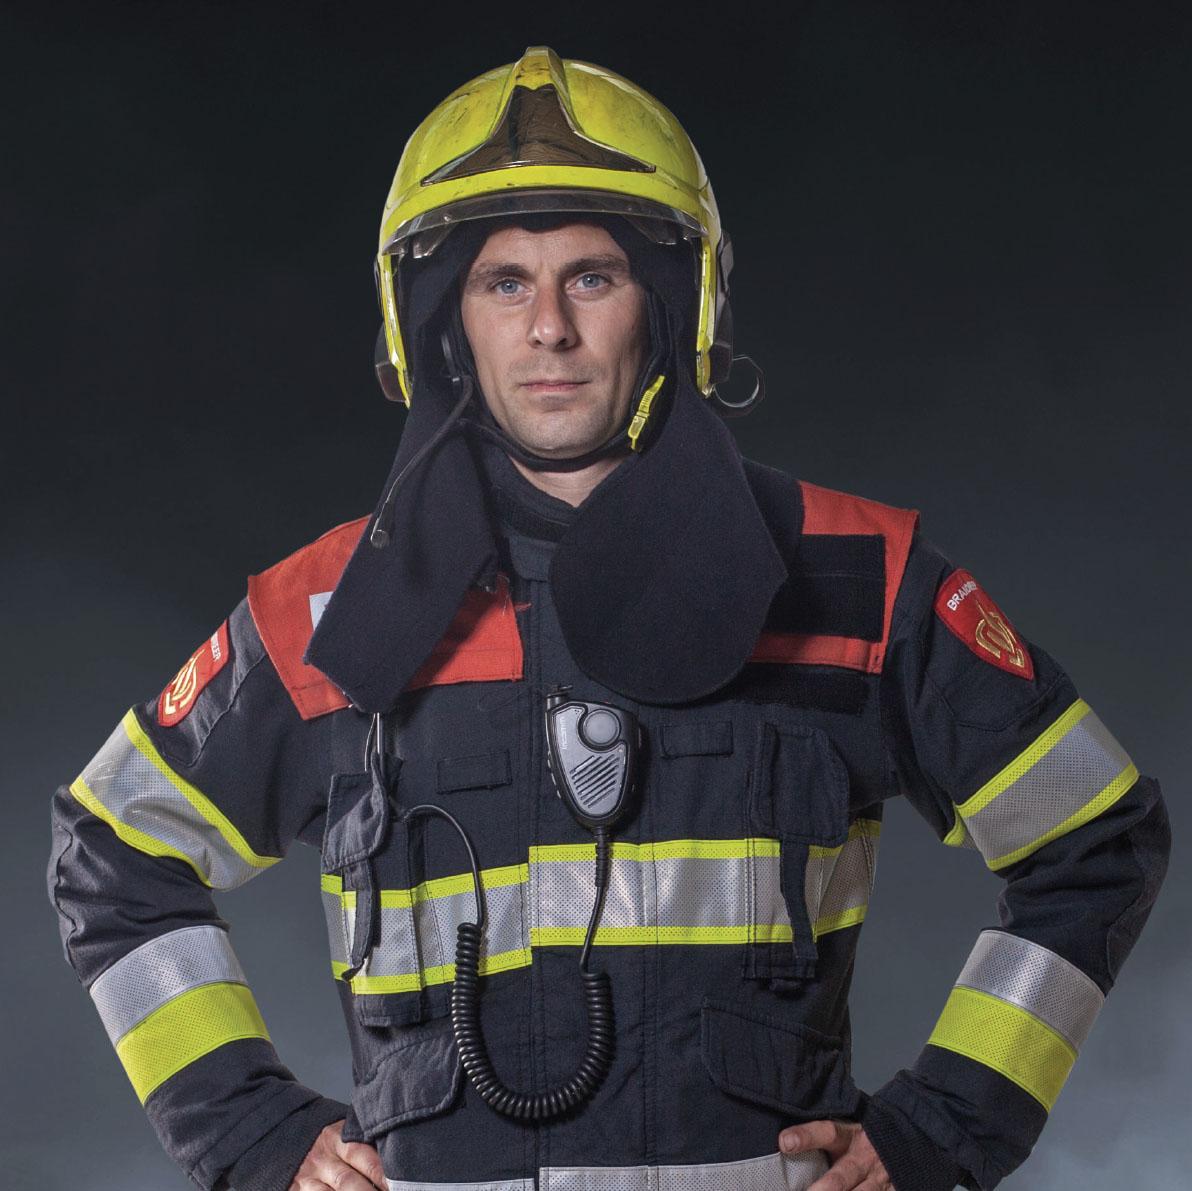 Brandweer Kennemerland | Parttime helden